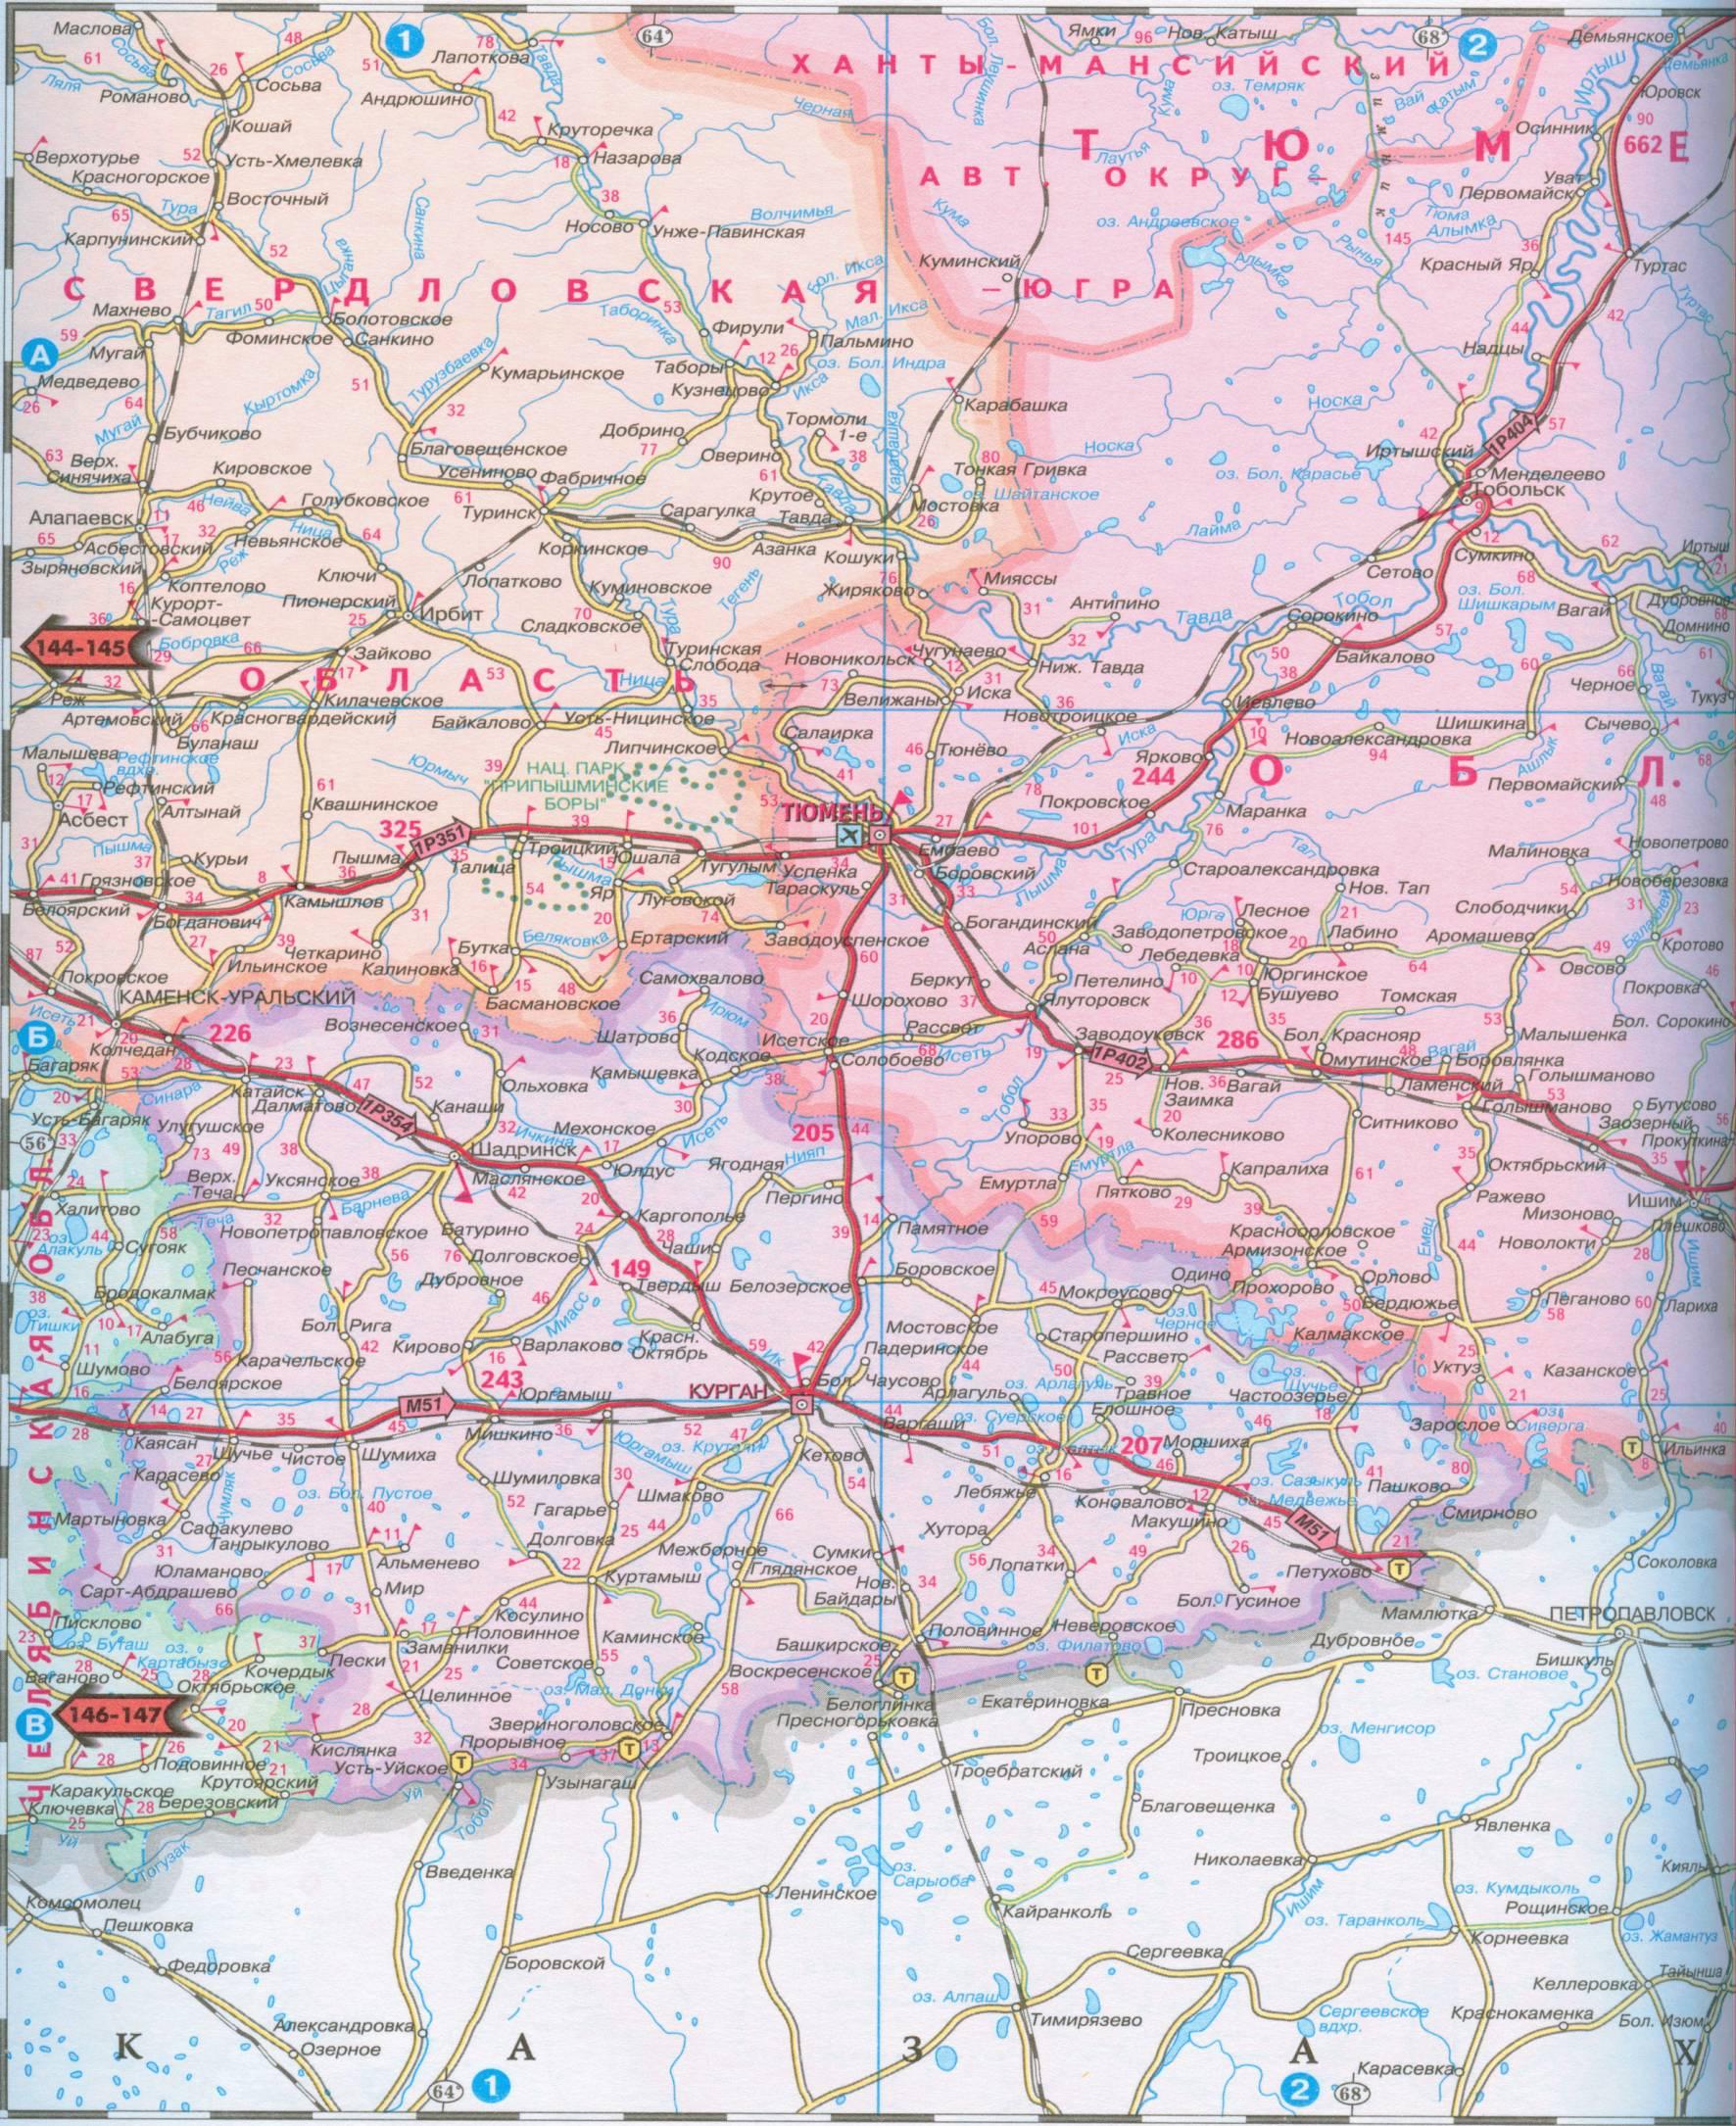 Карта автомобильных дорог тюменской, курганской, омской обла.